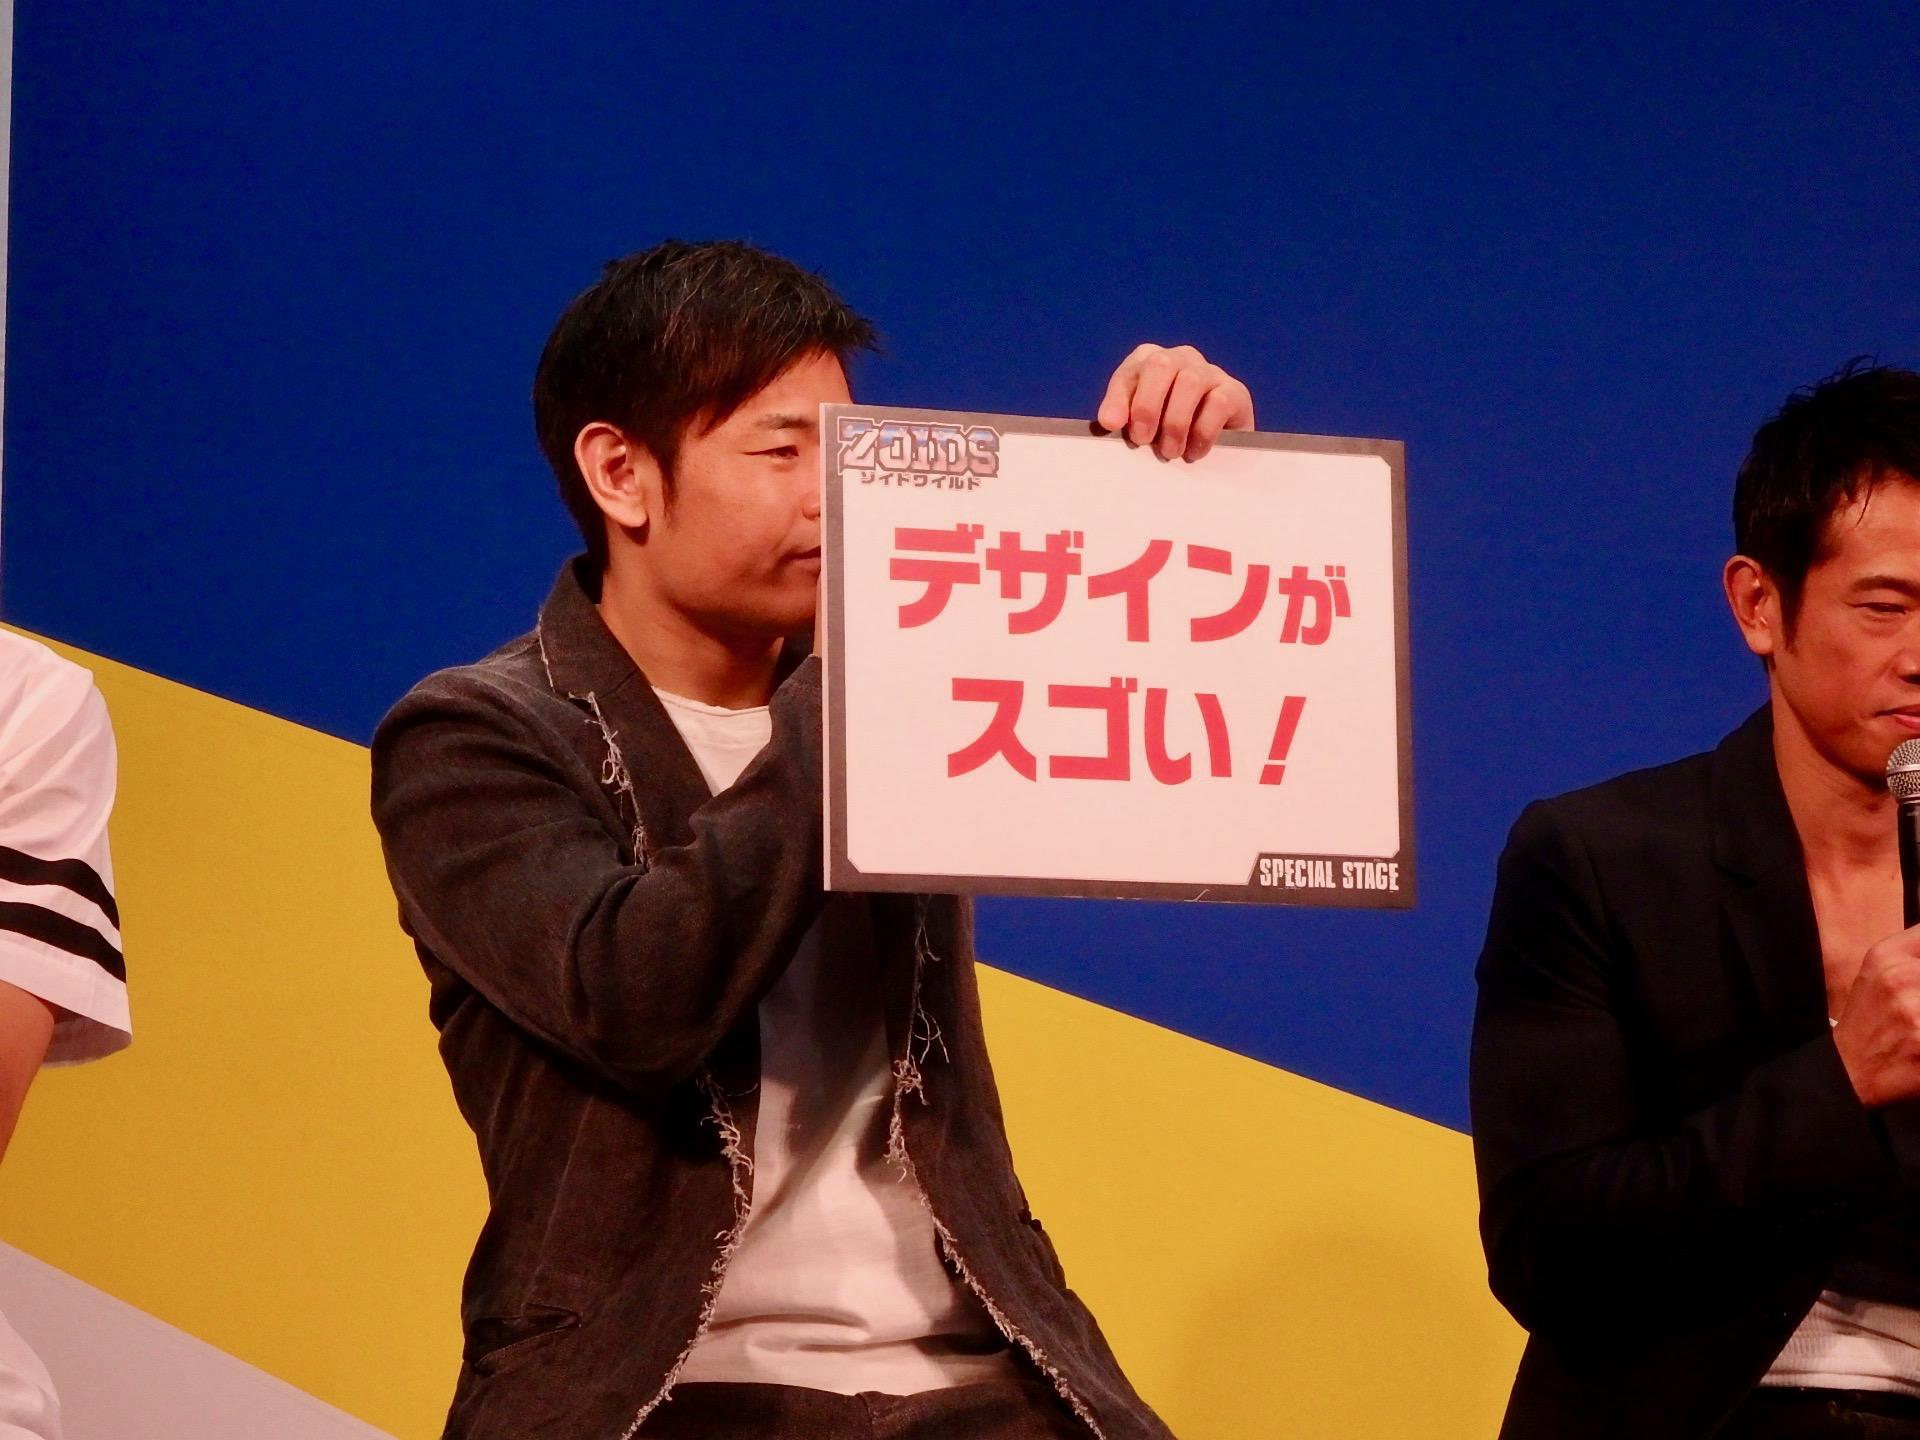 http://news.yoshimoto.co.jp/20180608120105-6f67895d95d310aa6c9489438c8f1a291a2ac081.jpg